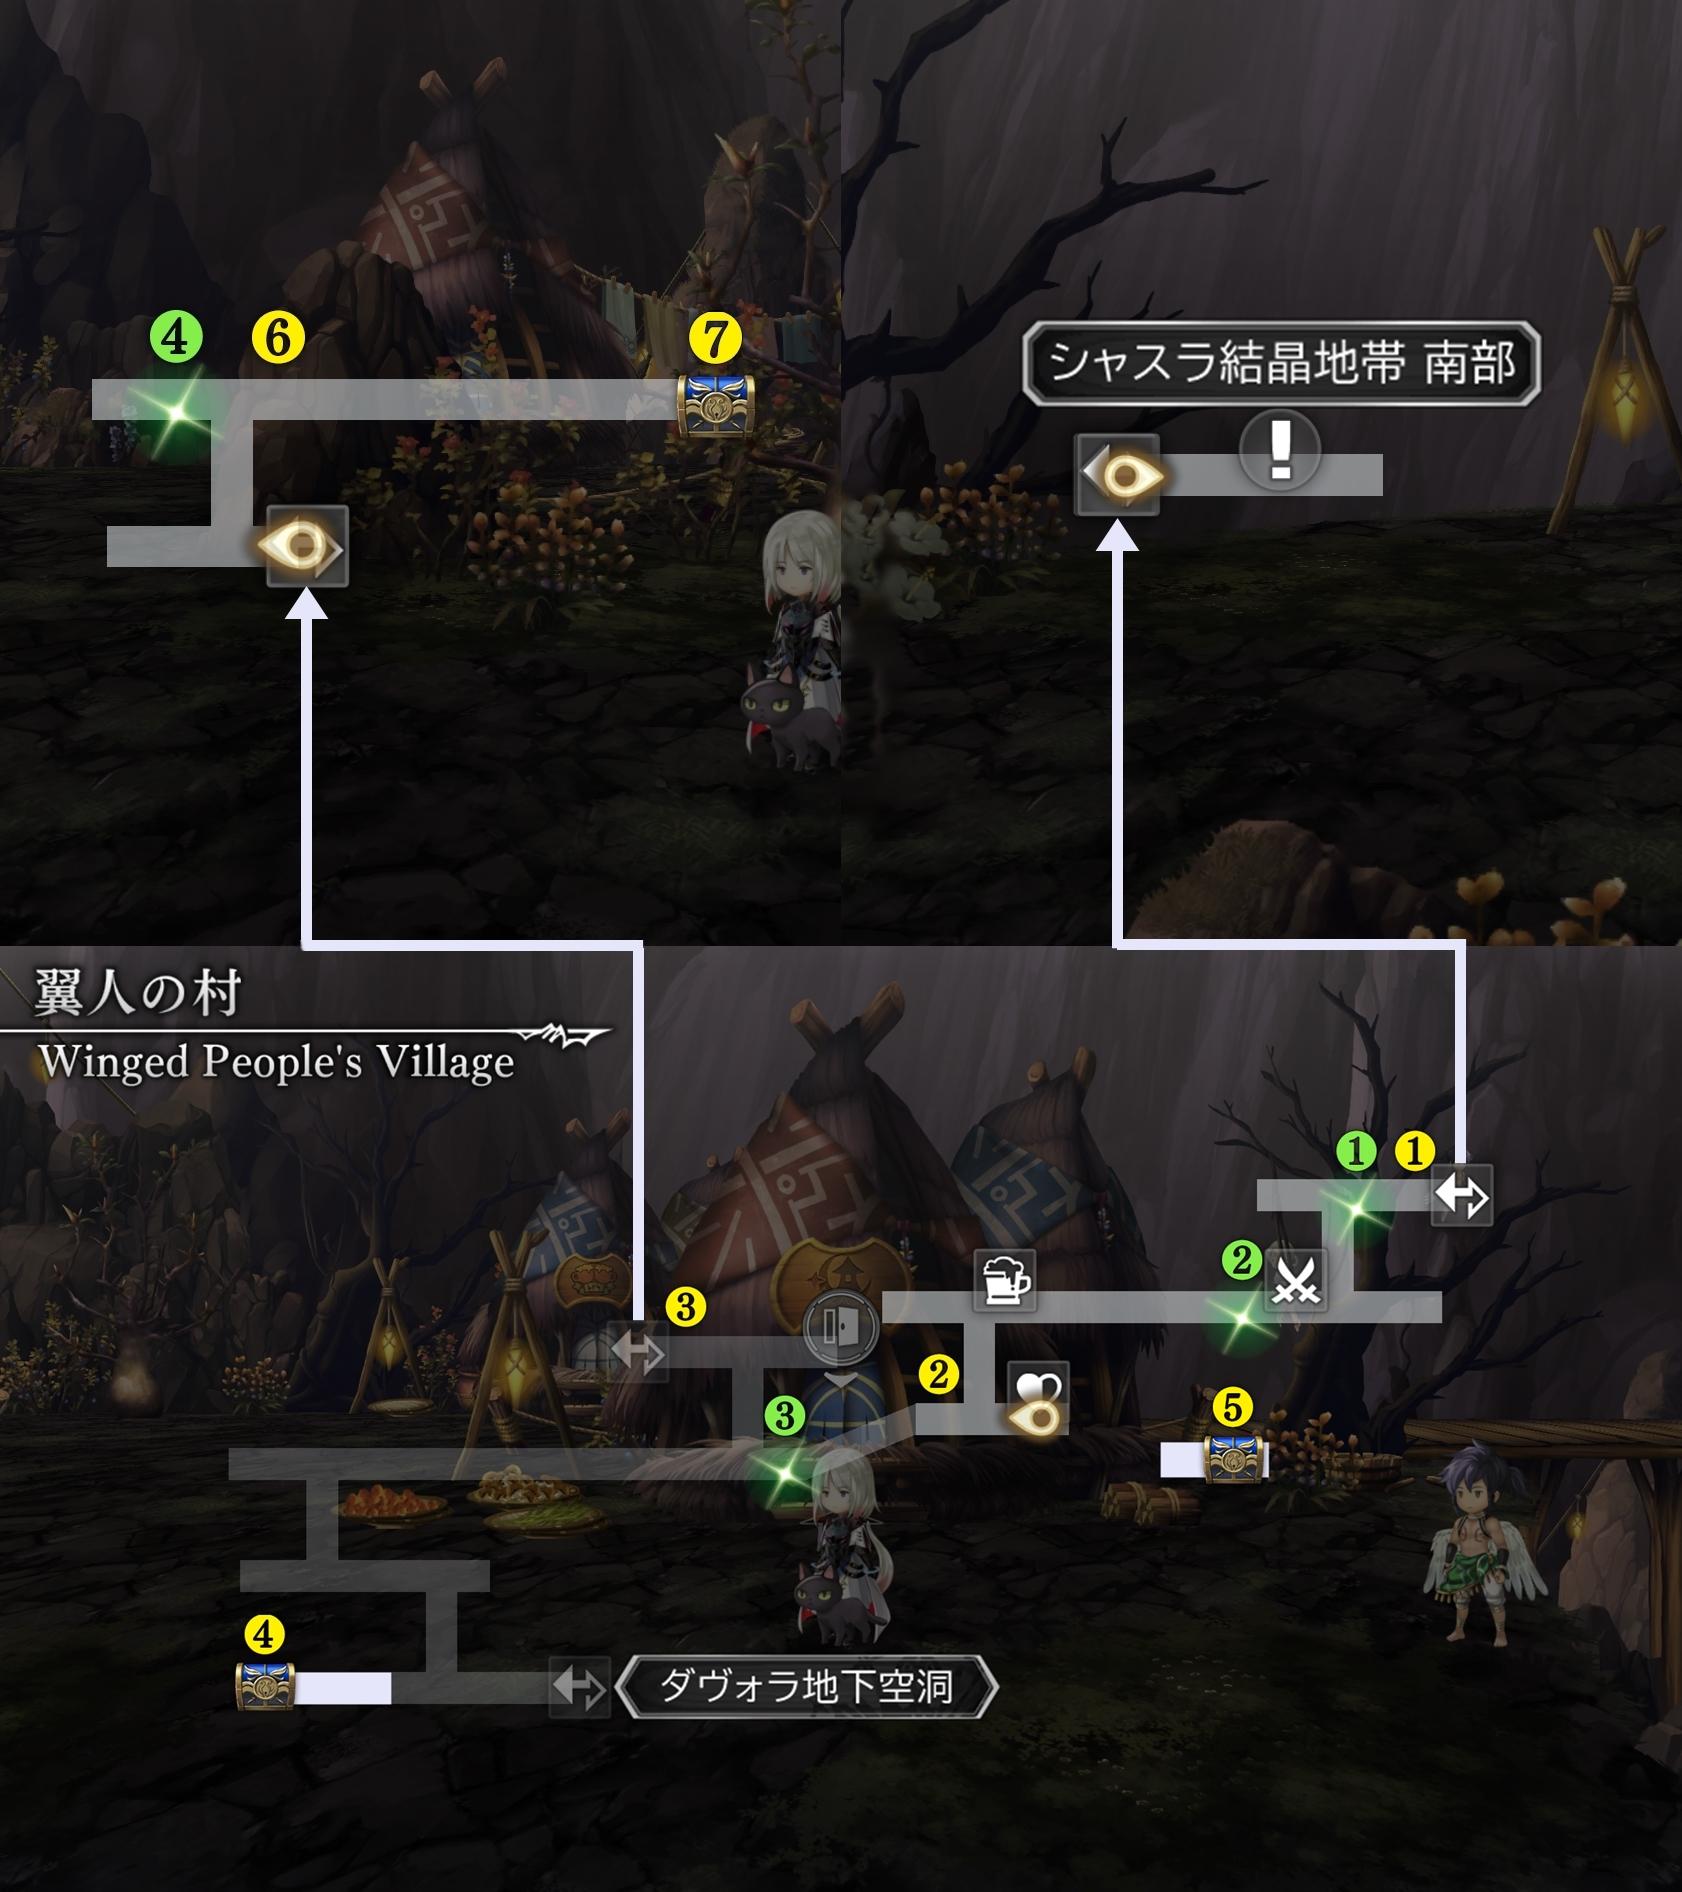 翼人の村マップ1